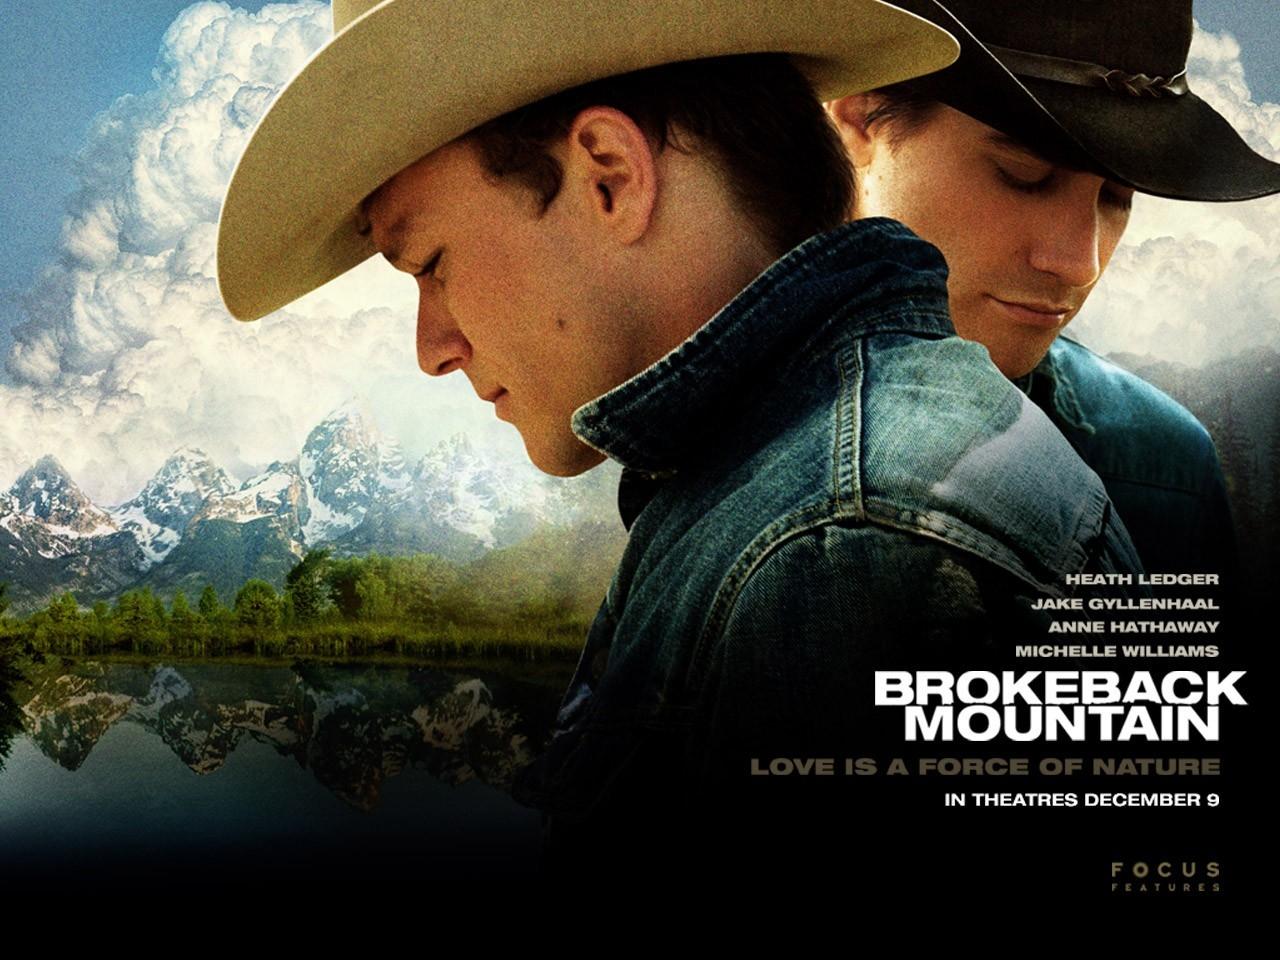 Ledger e Gyllenhaal in un wallpaper del film I segreti di Brokeback Mountain